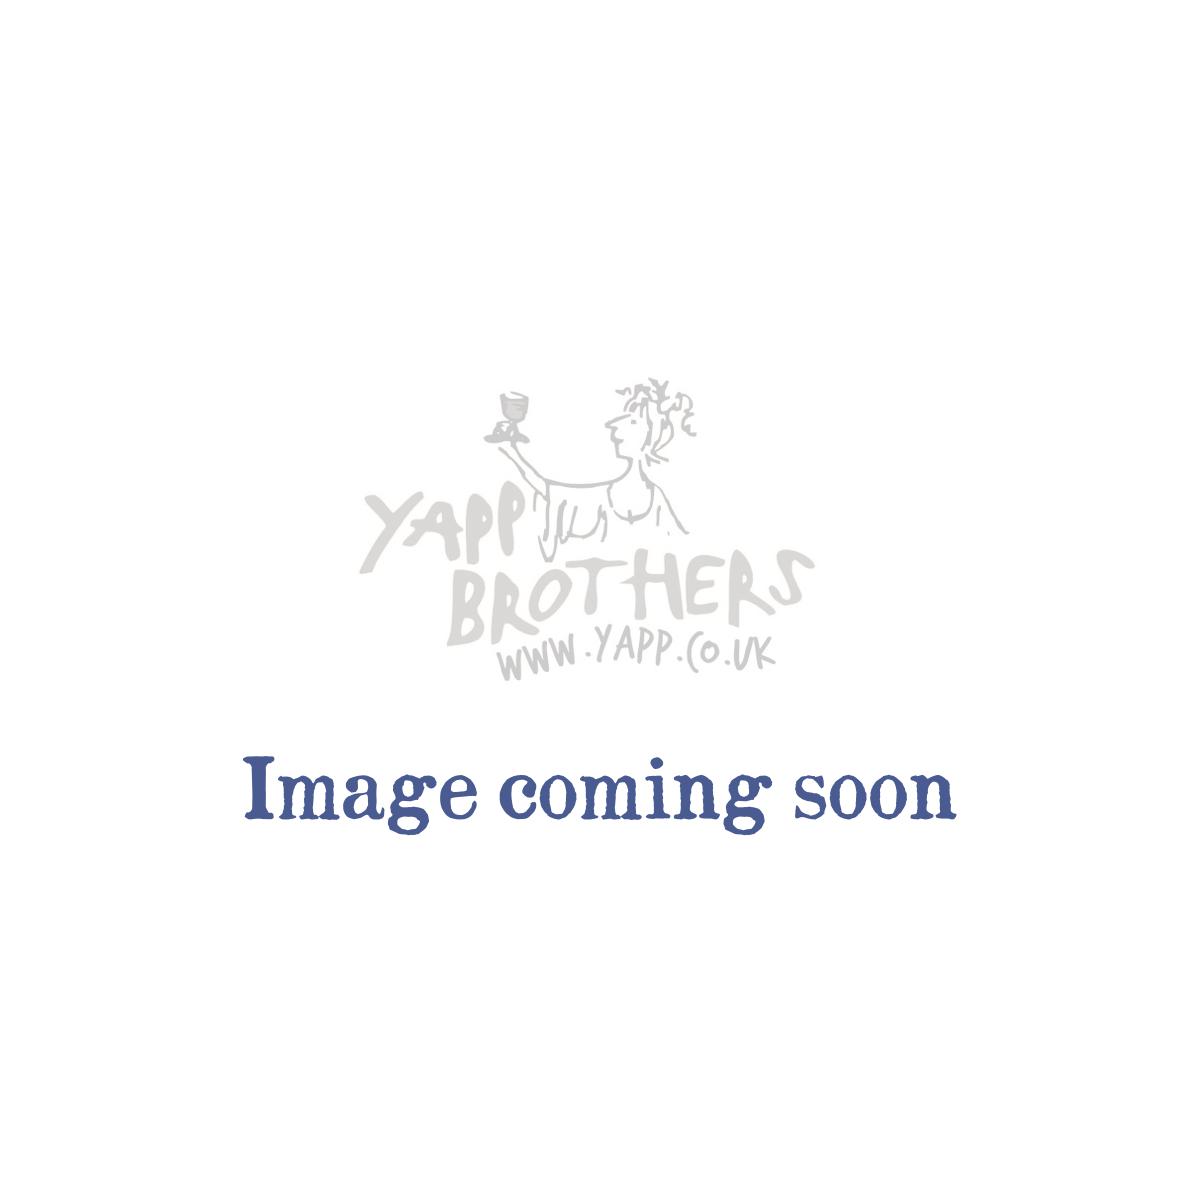 Rheinhessen: Jürgen Hofmann Weisser Burgunder Trocken 2020 - Bottle Rear Label